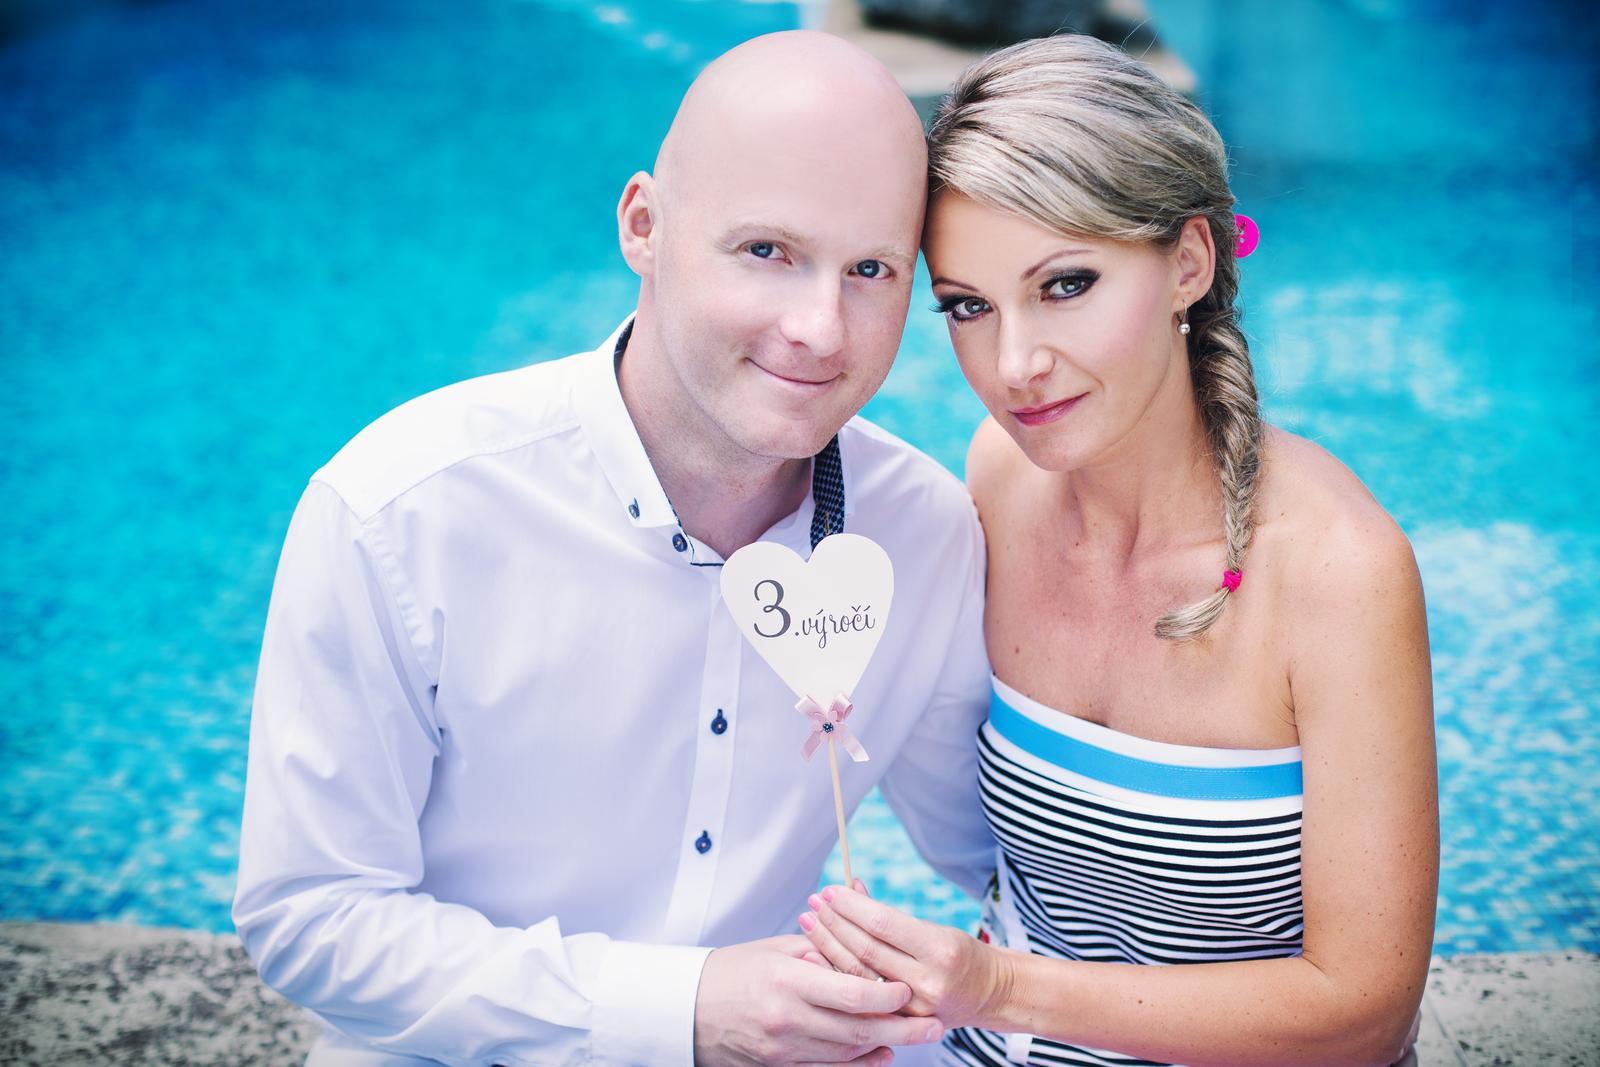 Šárka Janušová{{_AND_}}Patrik Kocourek - ...včera jsme měli 3. výročí svatby.....KNOFLÍKY LÁSKY...